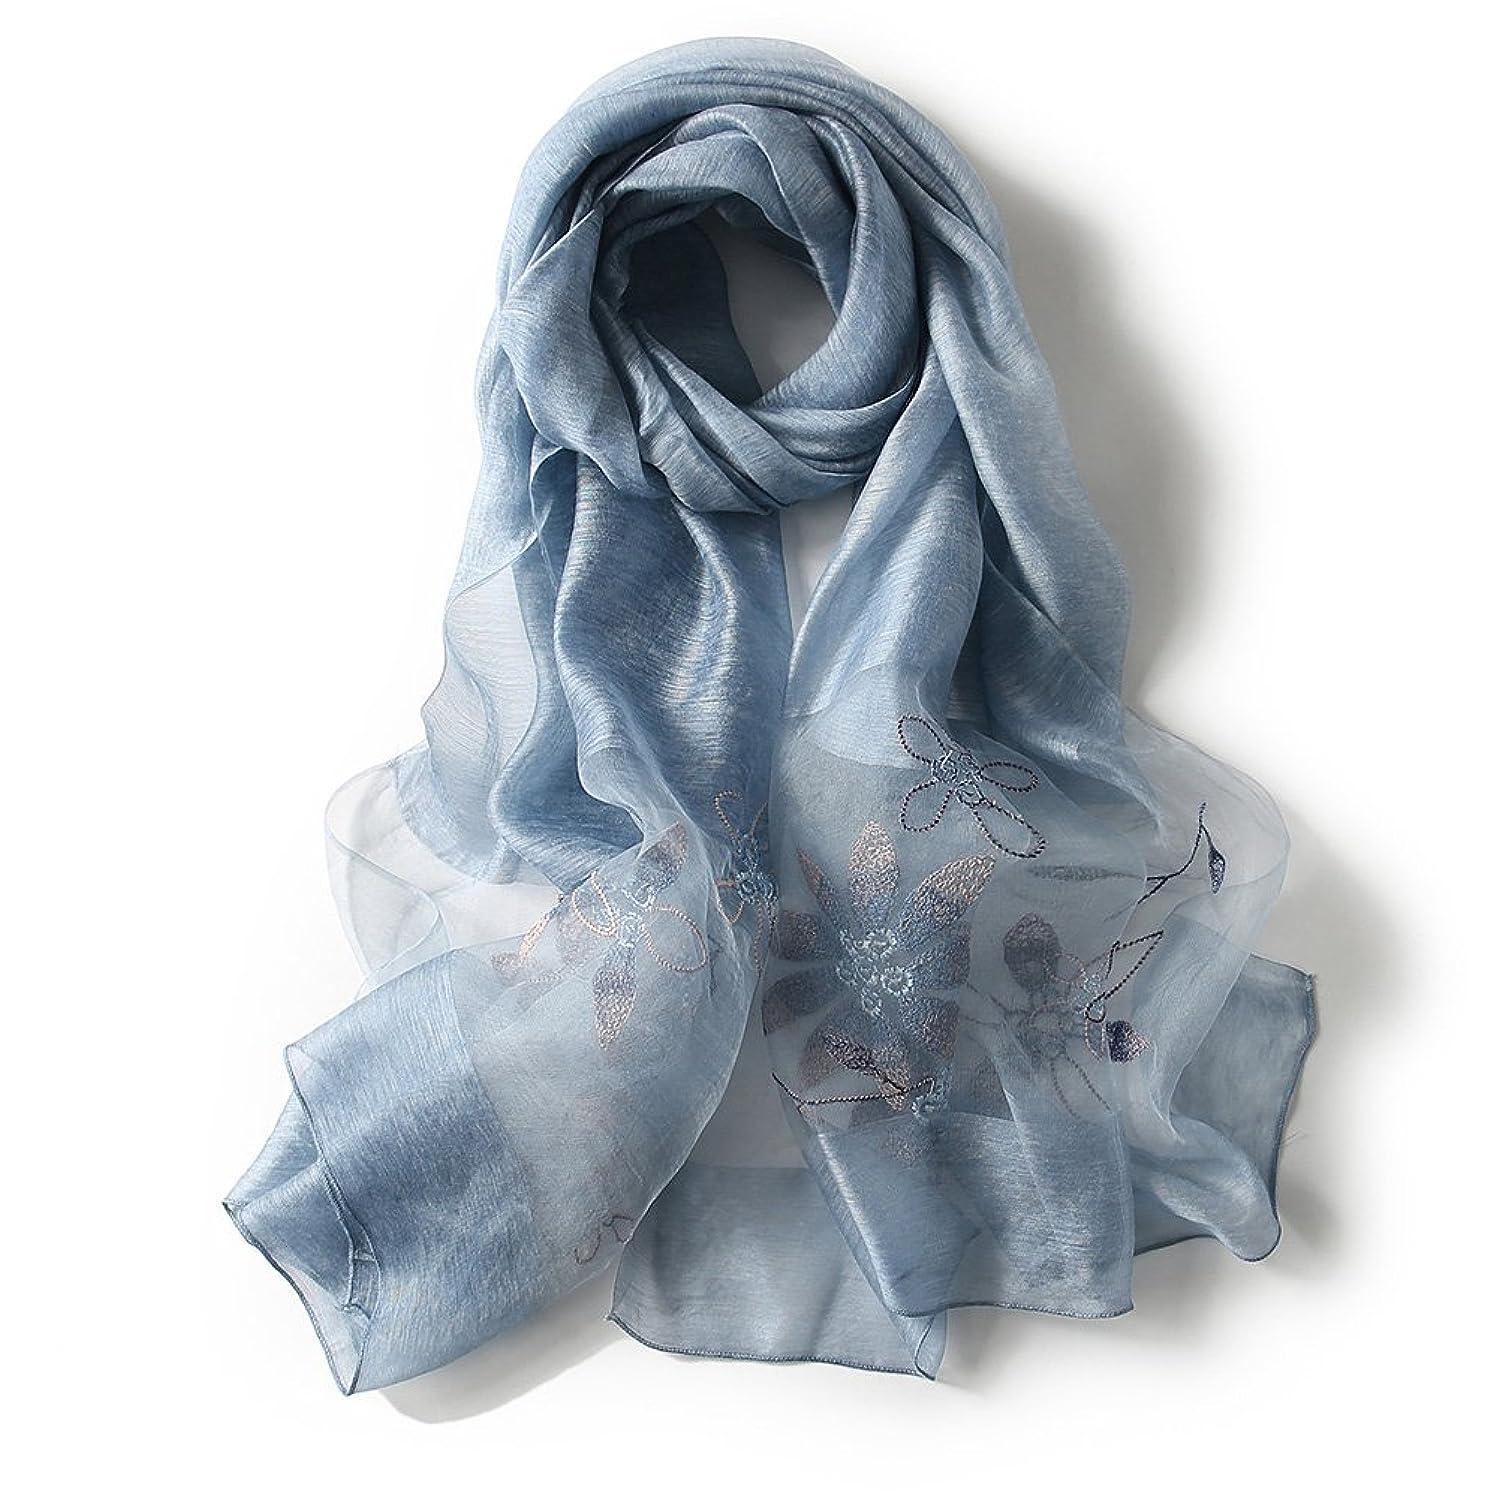 不適鈍い小学生アンミダ(ANMIDA) シルク ストール 紫外線防止 スカーフ シルク 大判 ストール 刺繍 上品 レディース 春夏